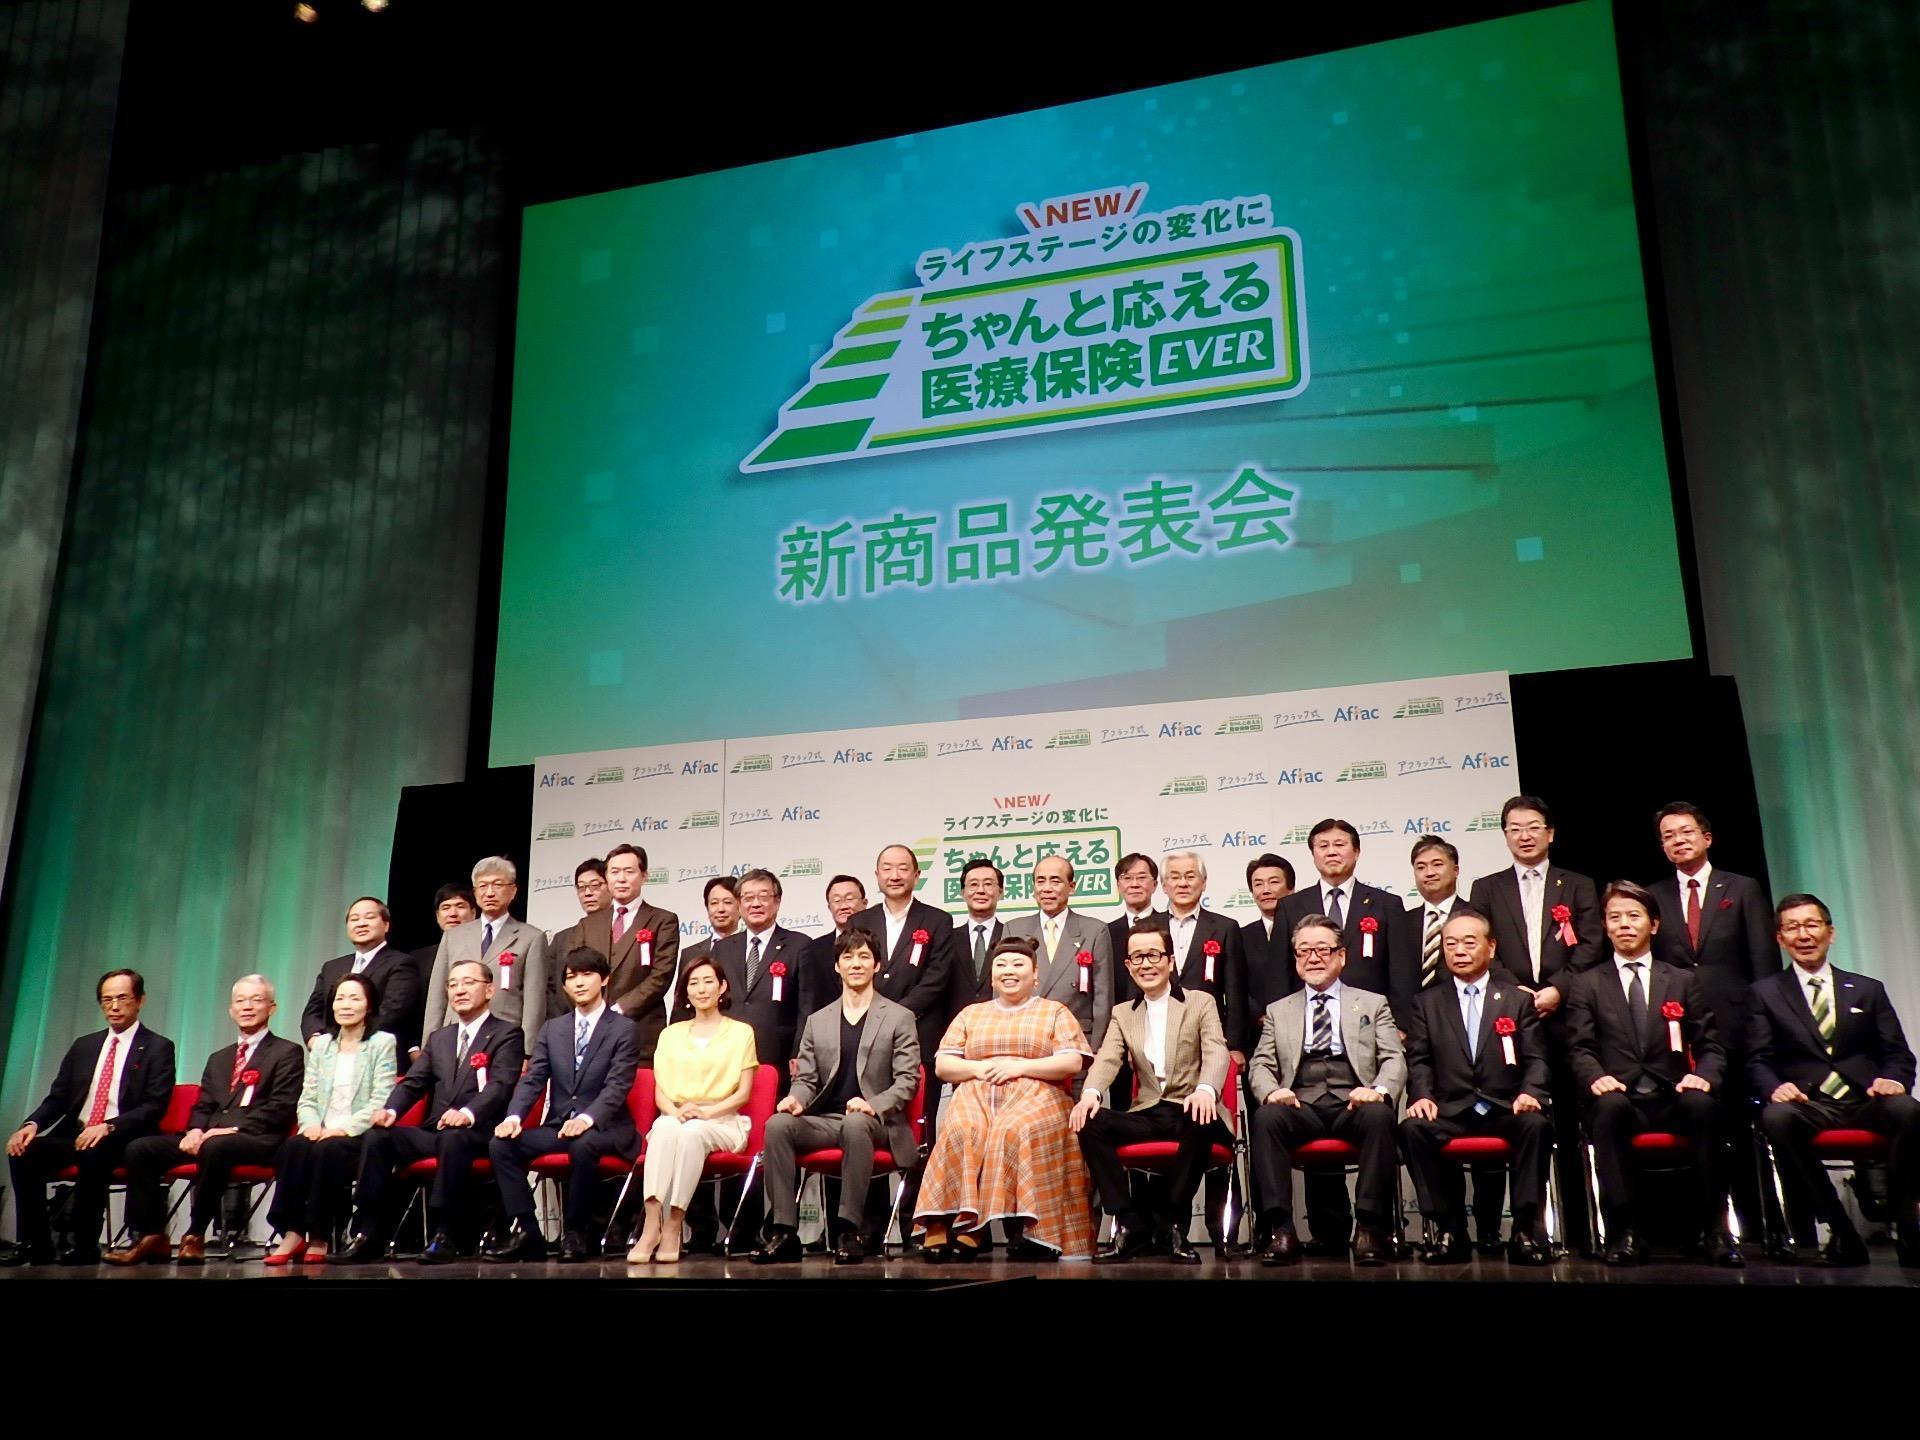 http://news.yoshimoto.co.jp/20190117185654-bbb32d861755aedbcdece7397c60451d82281d85.jpeg